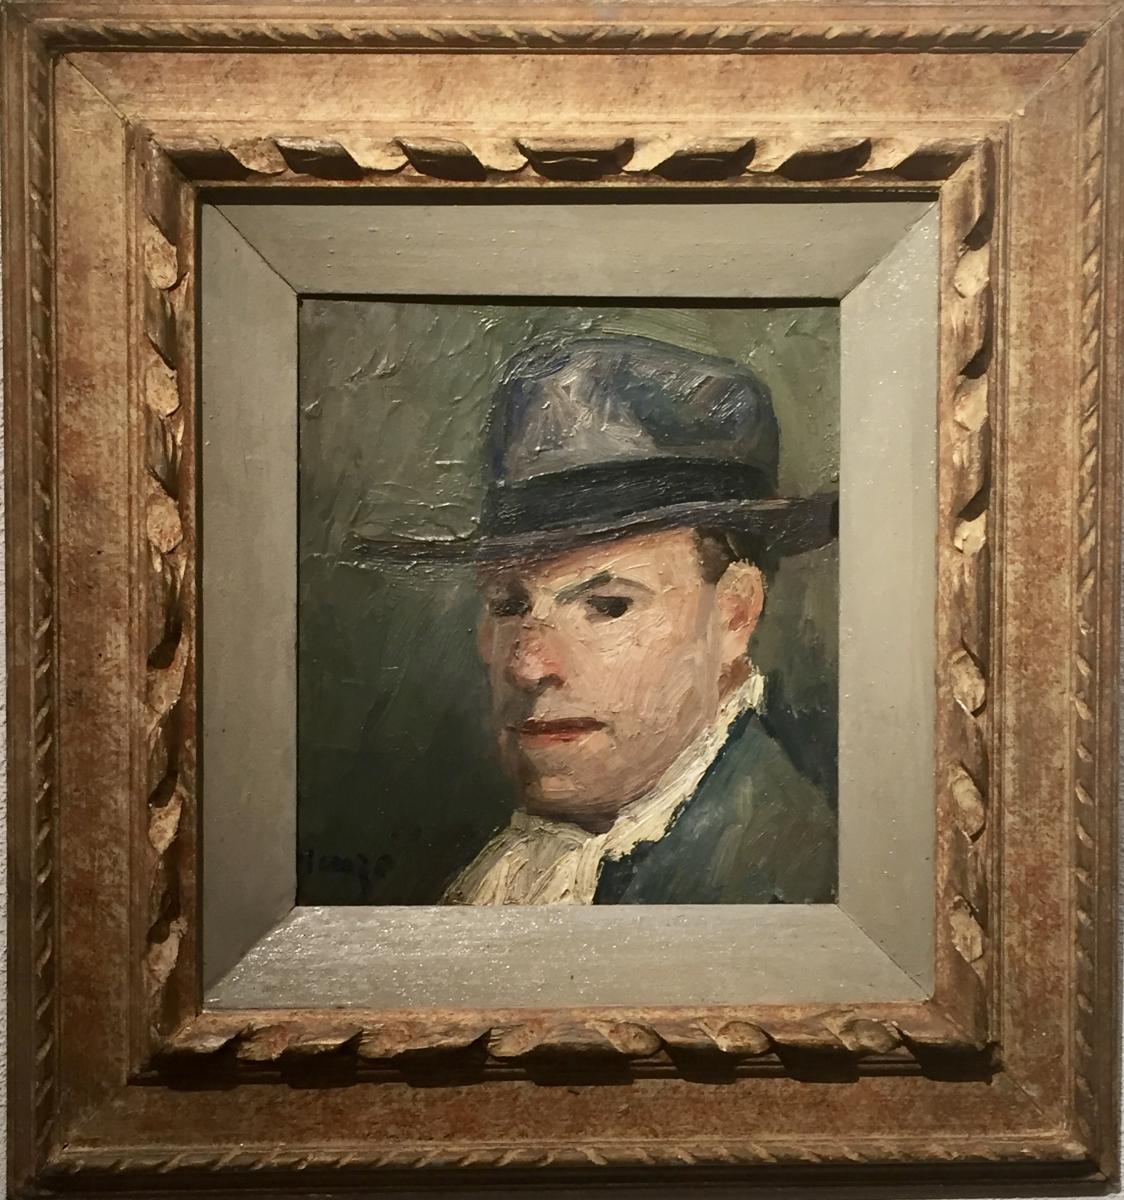 Edmond Heuze (1884-1967) - Self-portrait 20 Years